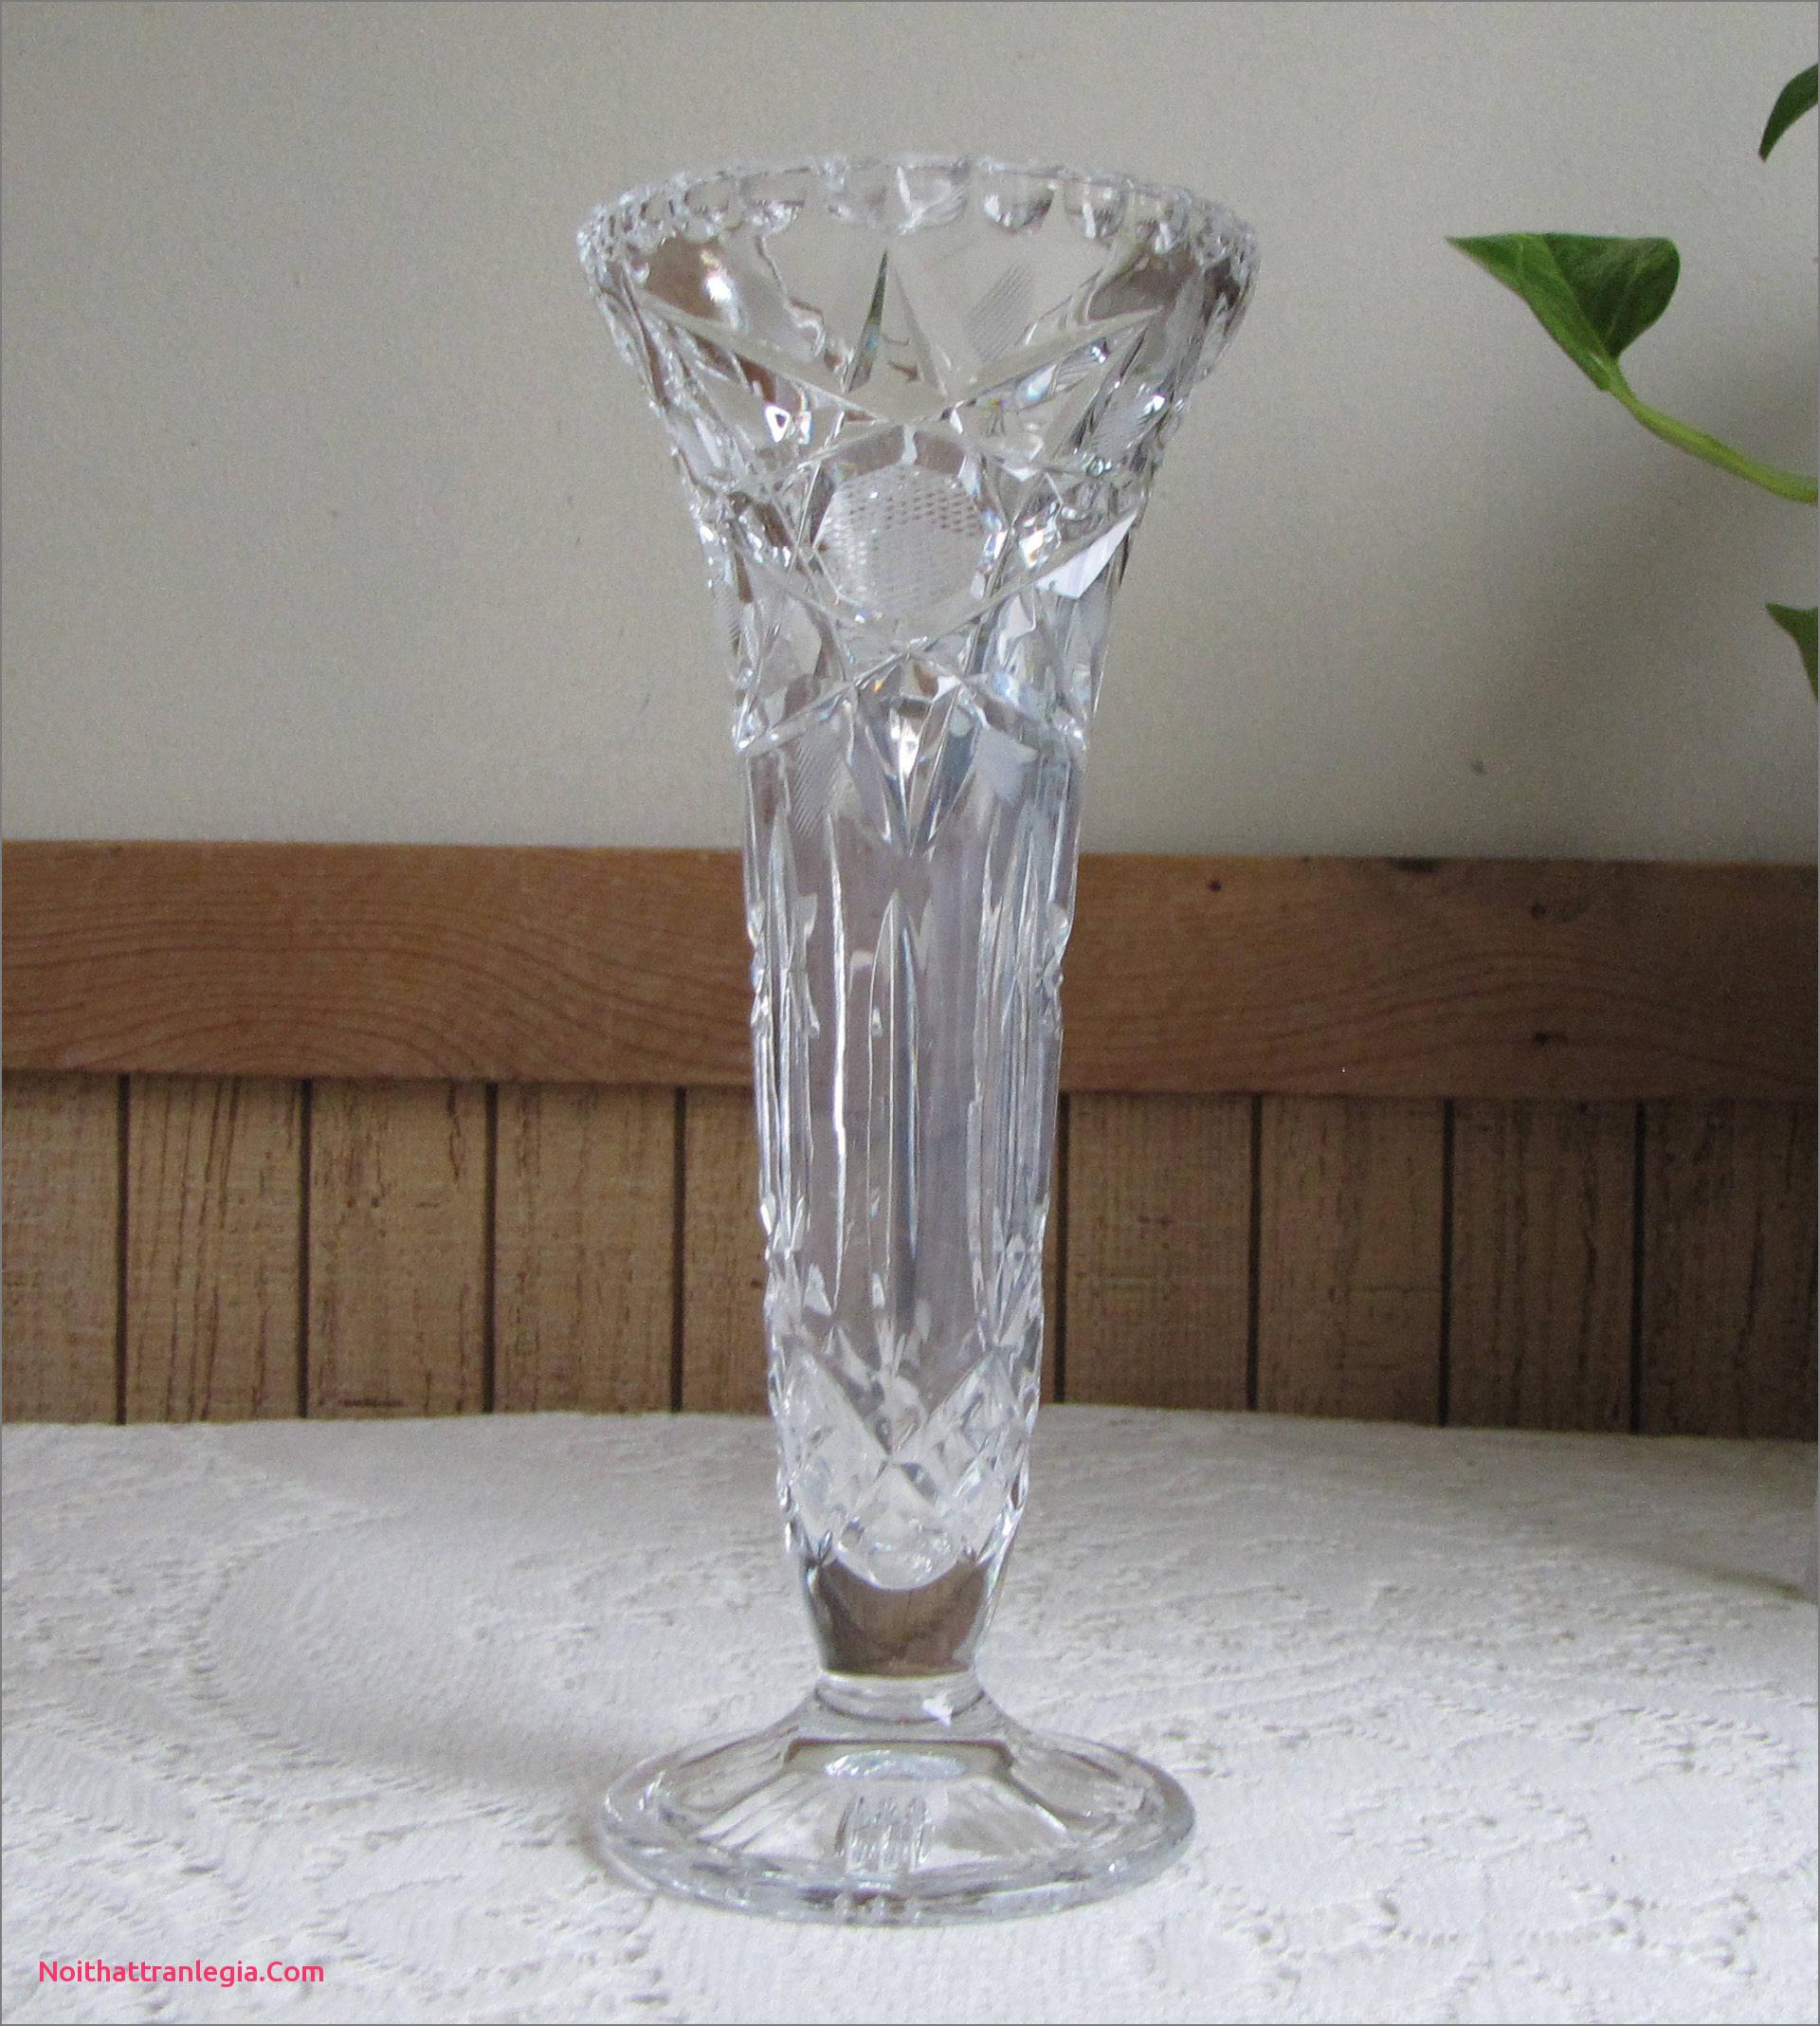 vintage pink glass vase of 20 cut glass antique vase noithattranlegia vases design in crystal vase cut glass flower vase etched waffle and stars footed vintage vases and florist ware